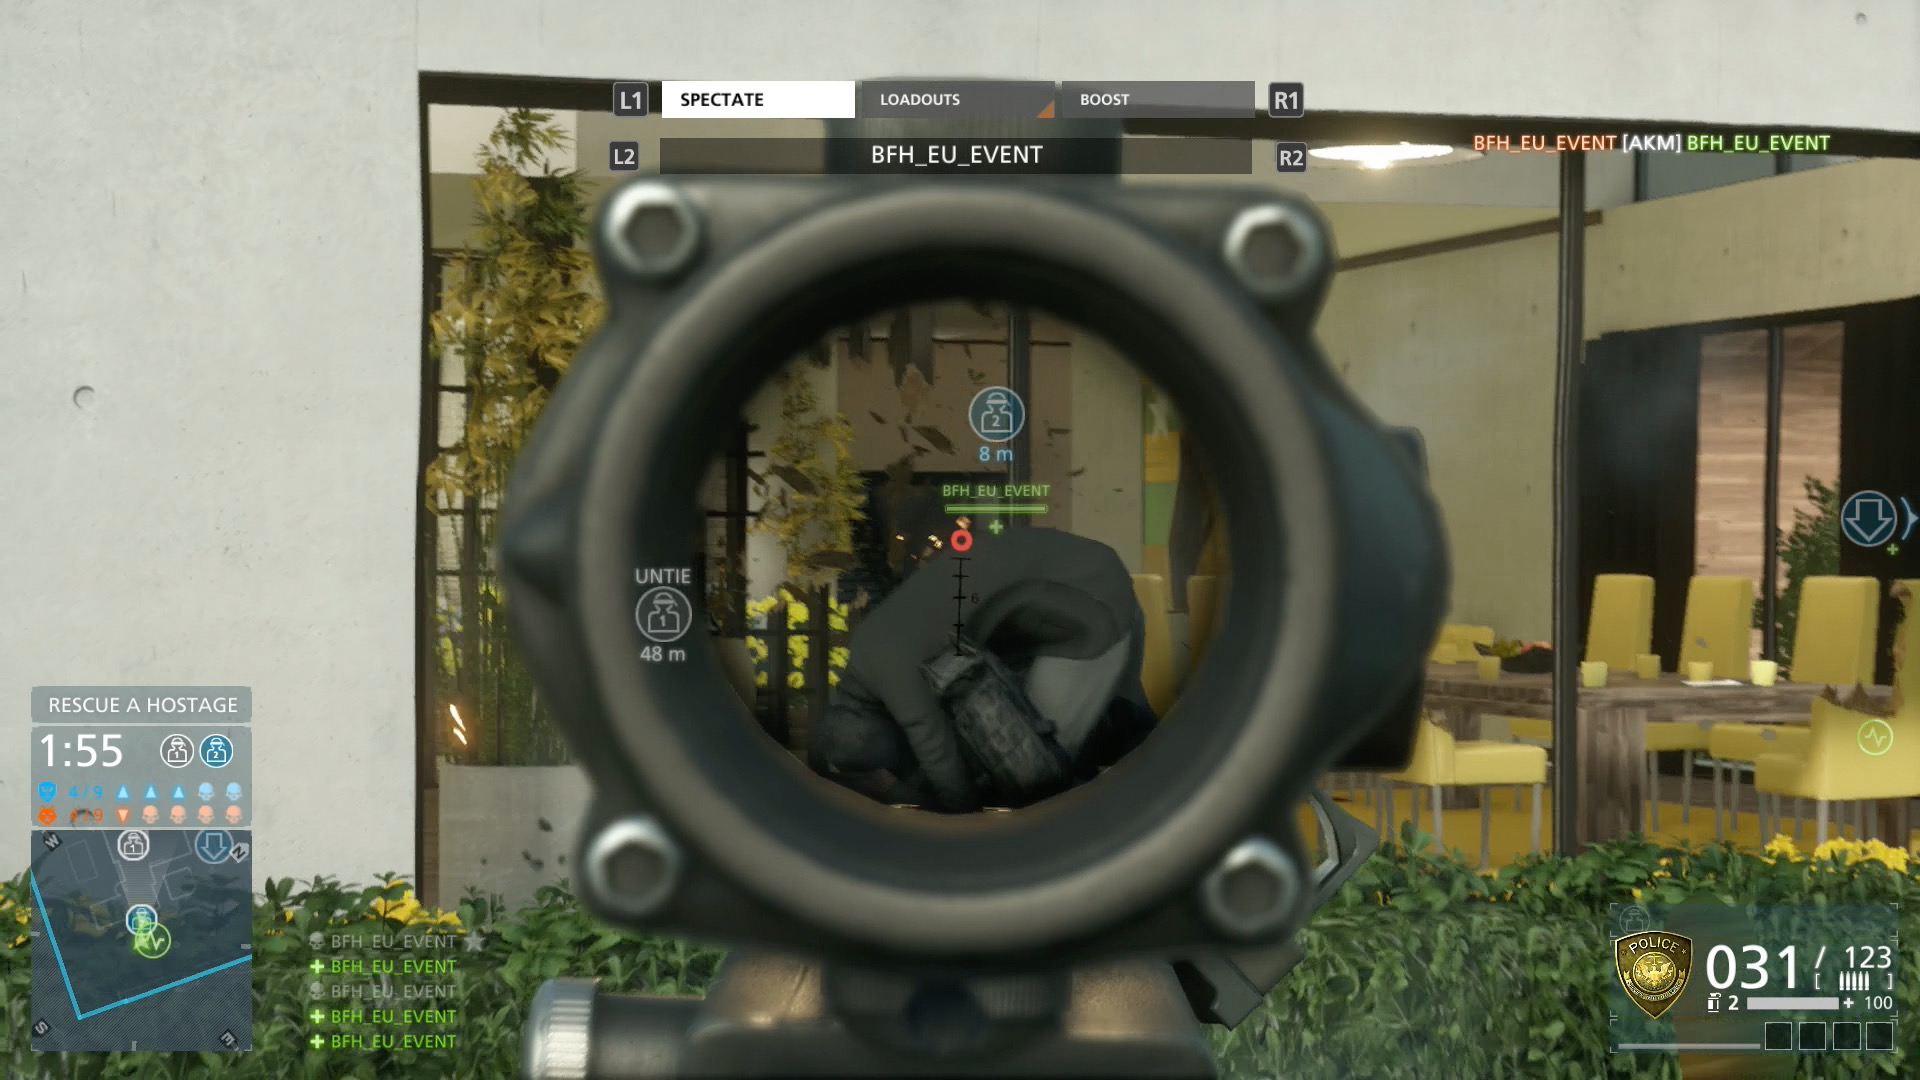 Battlefield Hardline im Test: Guter Shooter mit Charakterschwäche - Wir nehmen unsere Gegner mit dem Zielfernrohr unter Beschuss.